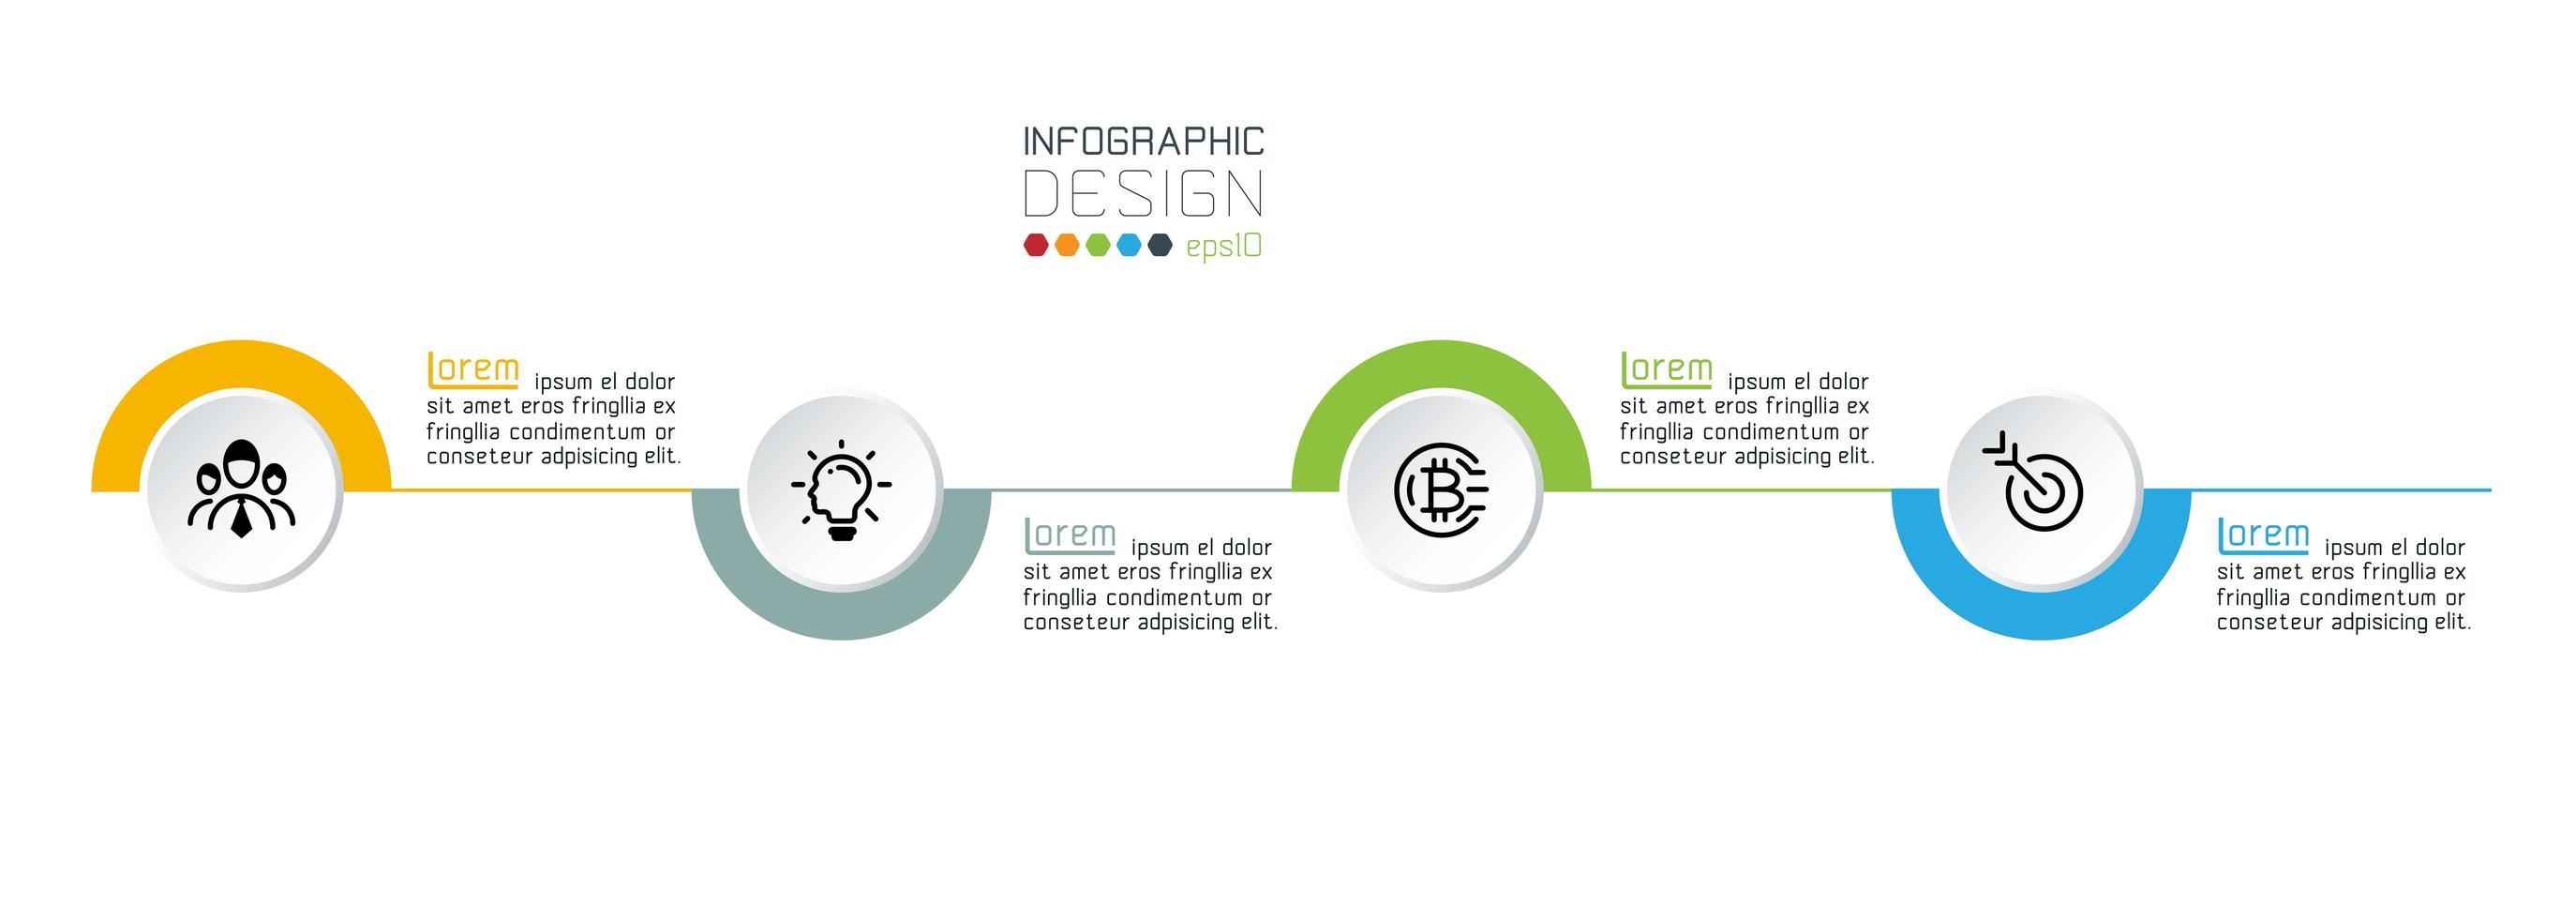 présentation infographique de demi-cercle coloré vecteur